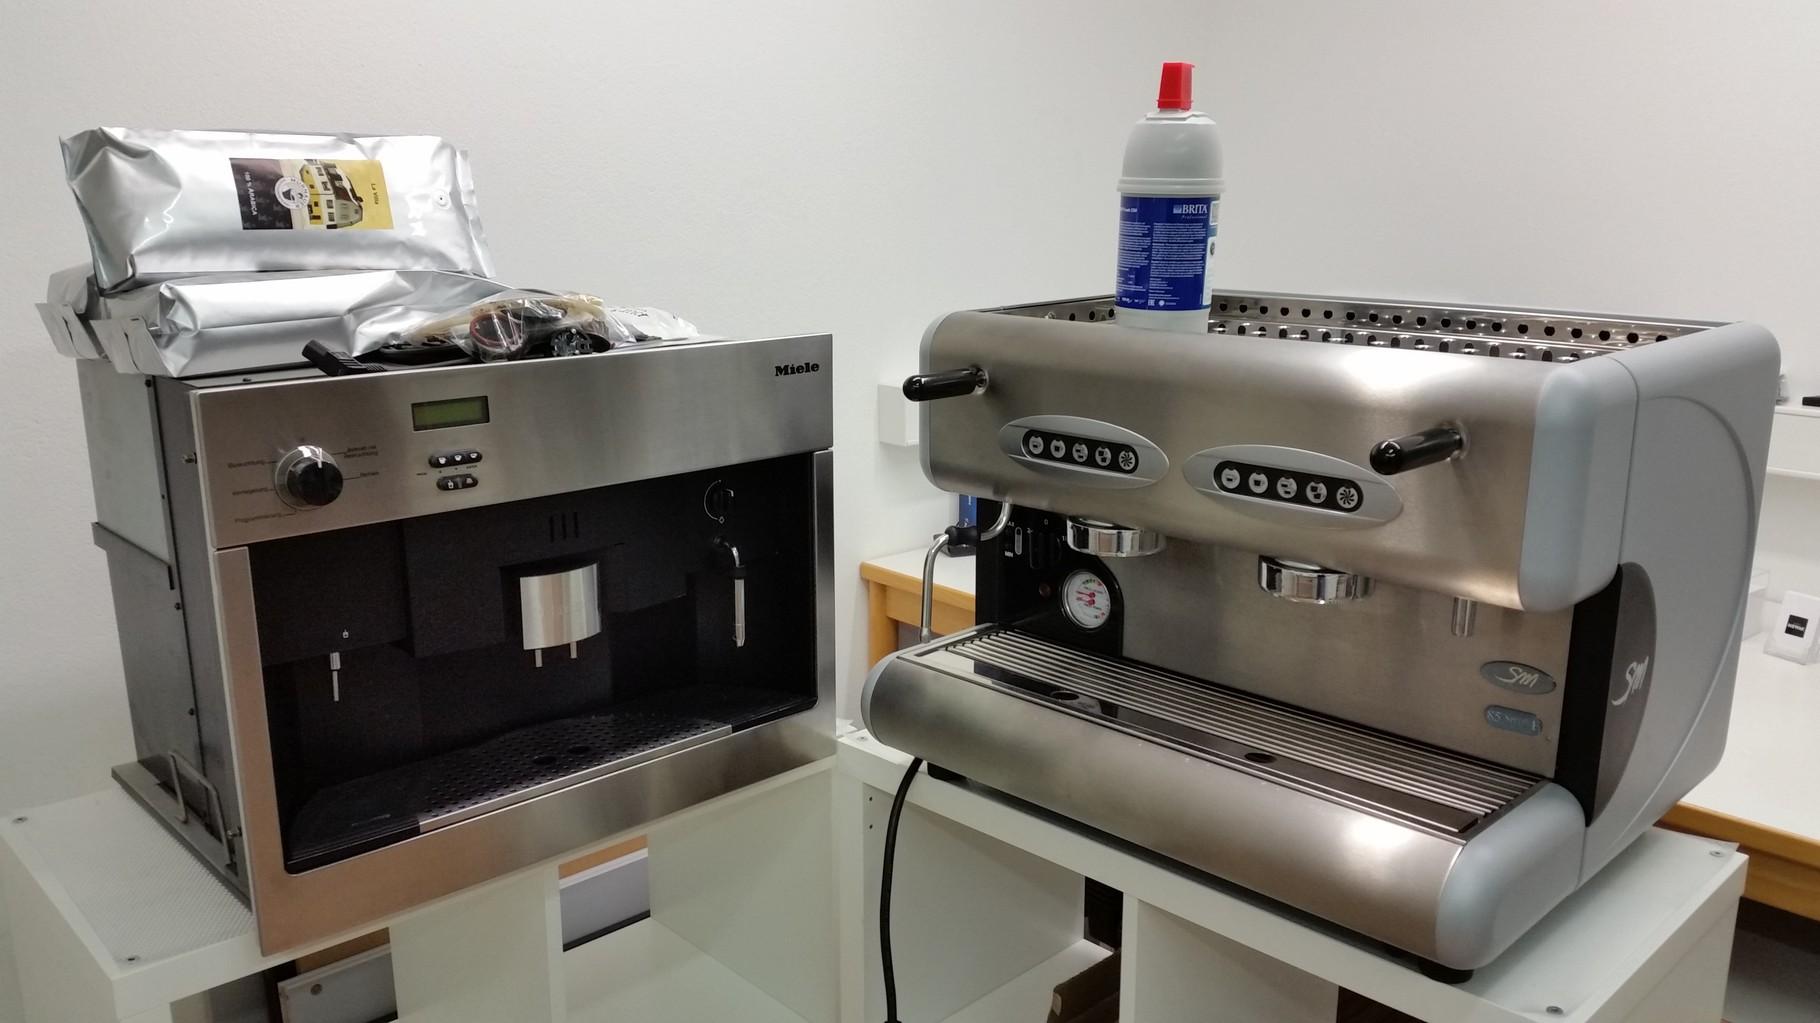 Werkstatt Impressionen - Miele Einbaukaffeevollautomat  &  San Marco  85 Sprint